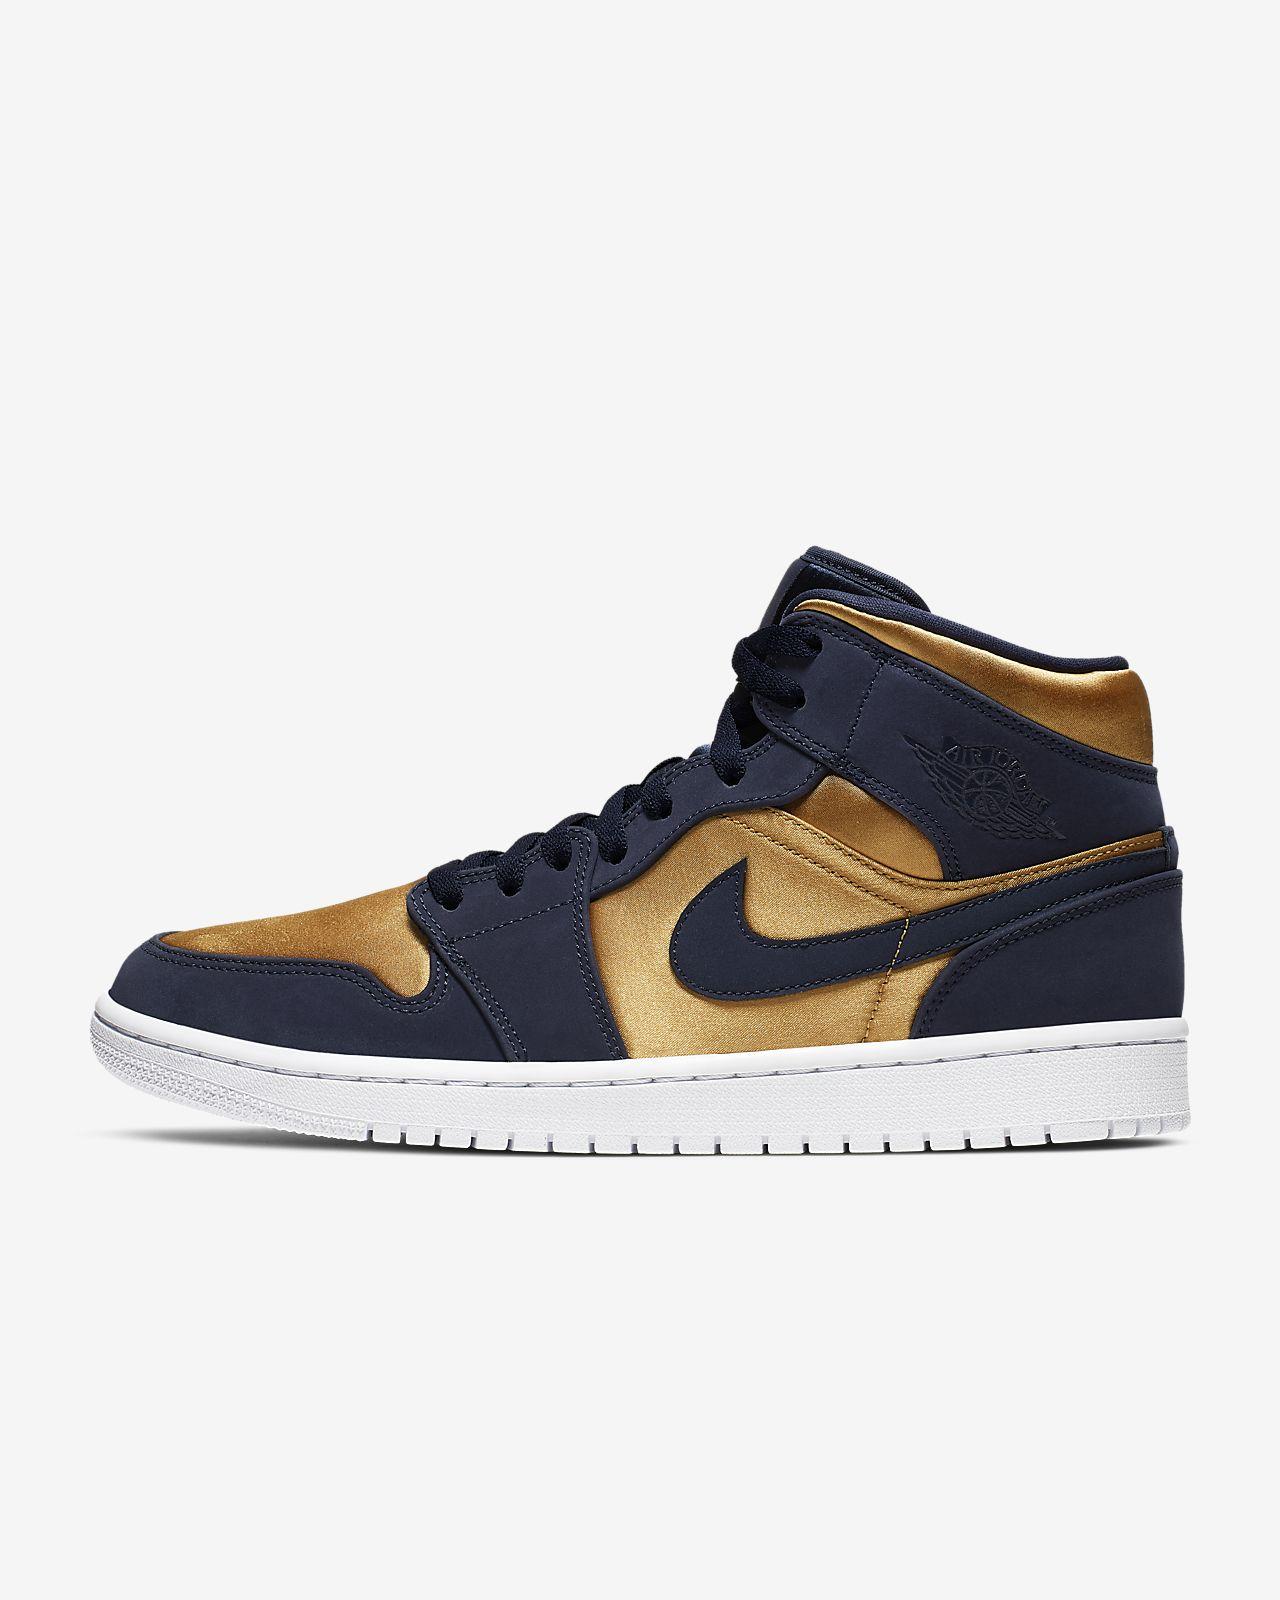 รองเท้าผู้ชาย Air Jordan 1 Mid SE